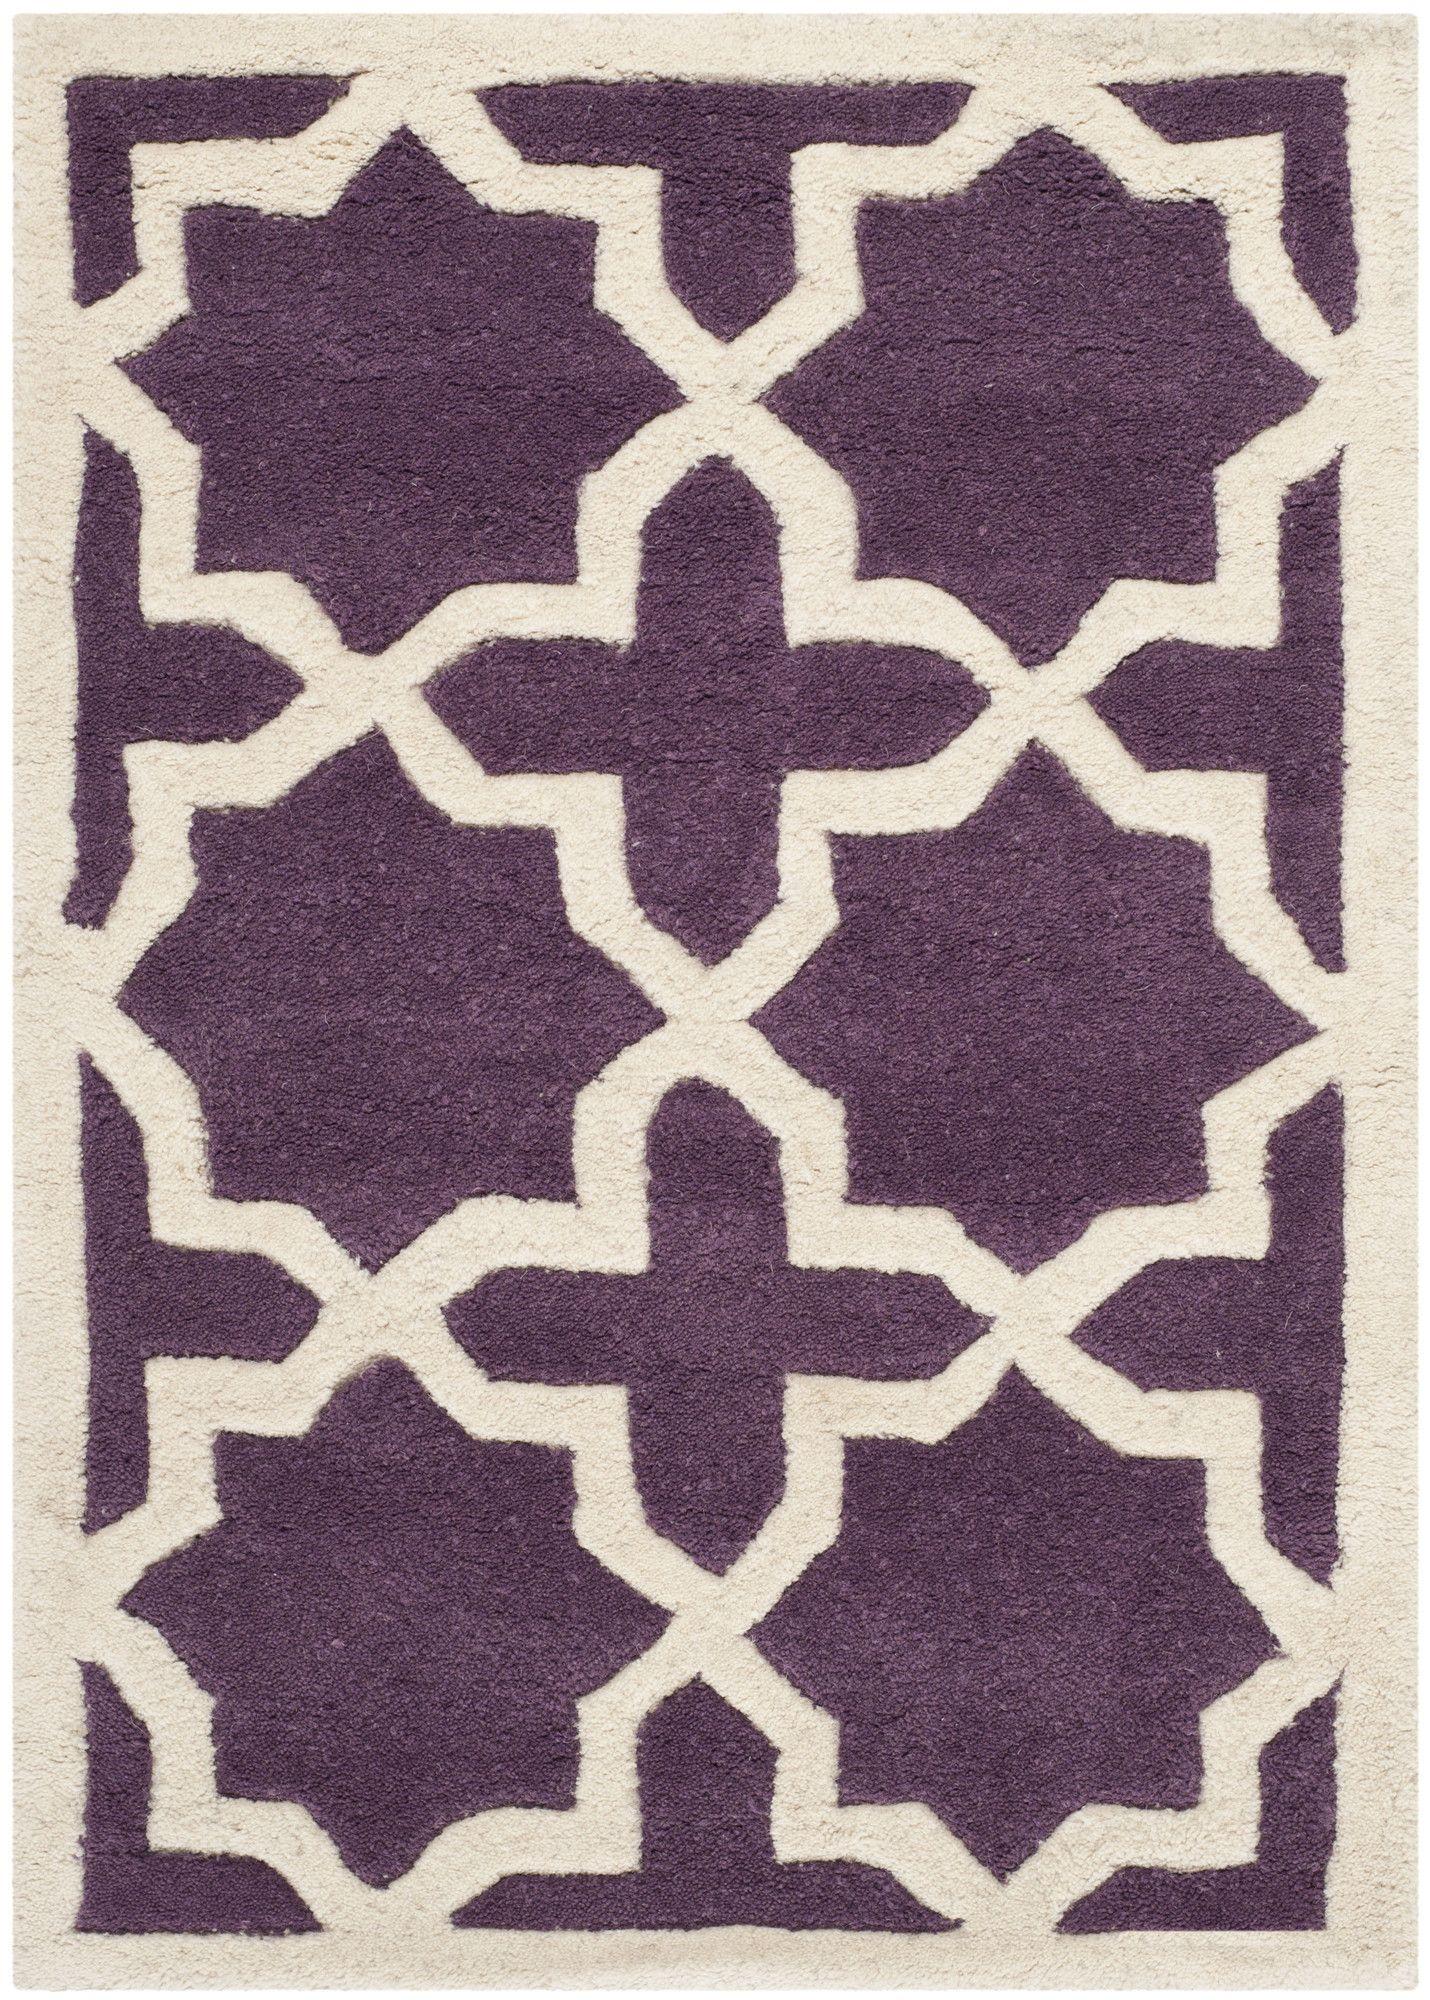 Purple Rugs with Geometric Patterns Purple Bedroom Ideas Purple